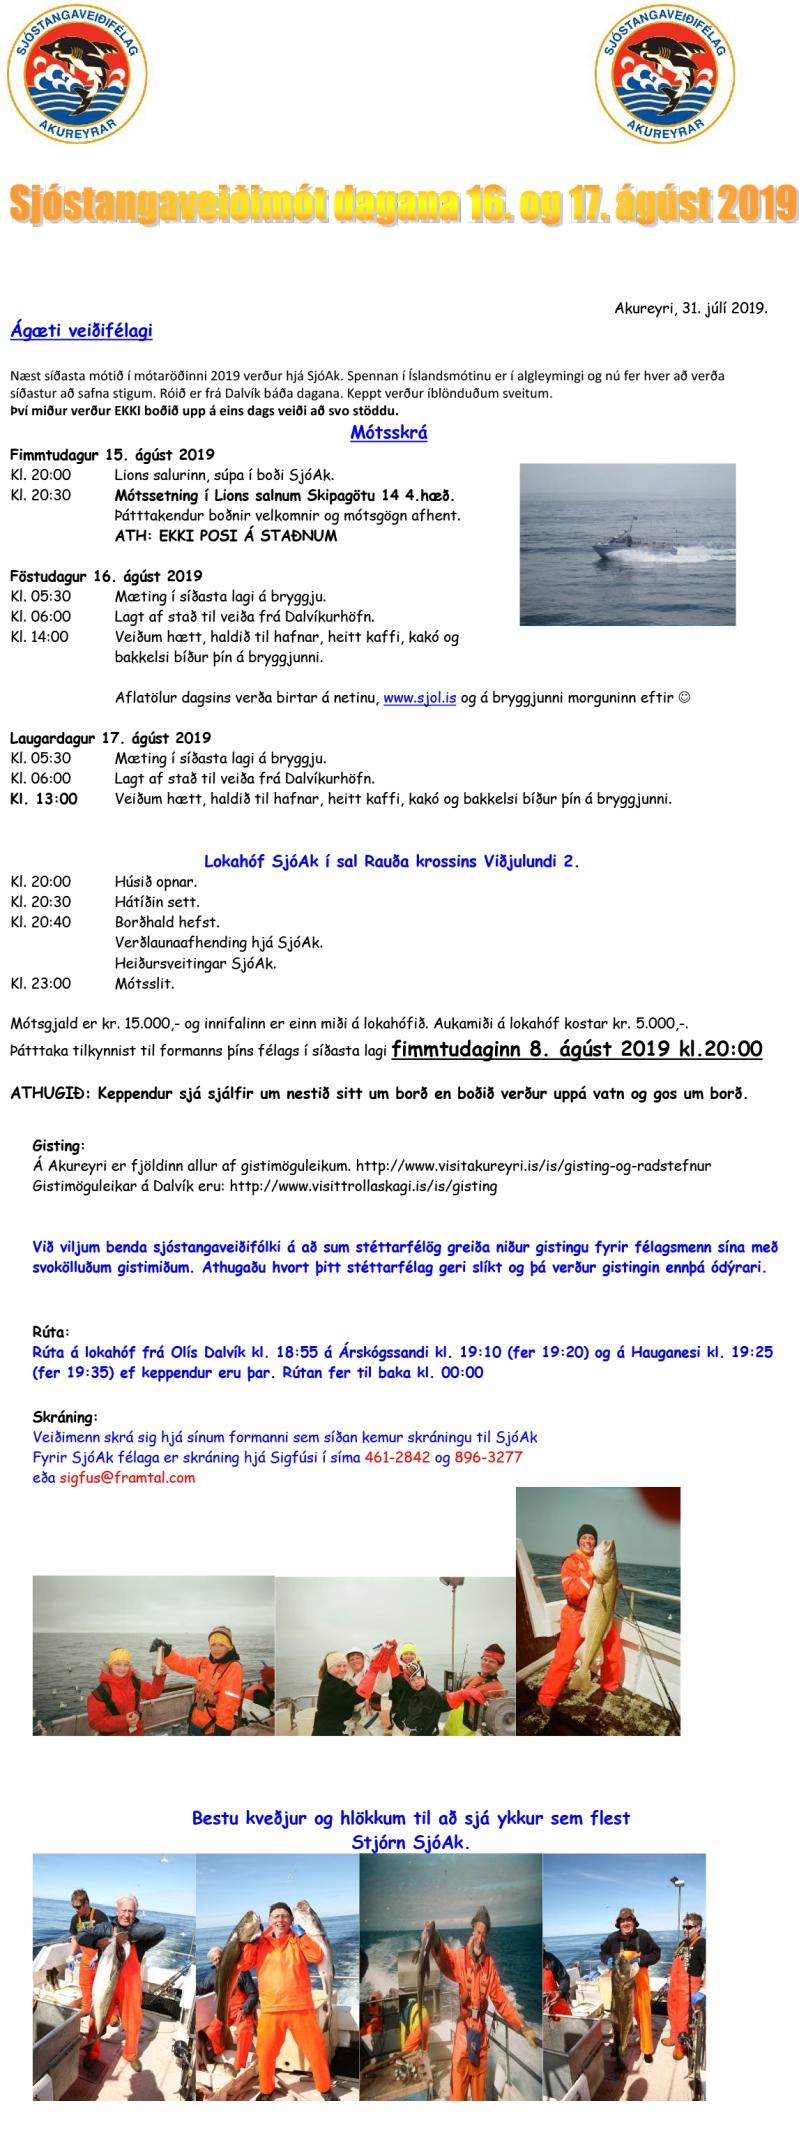 Dreifibréf akmót 2019-1